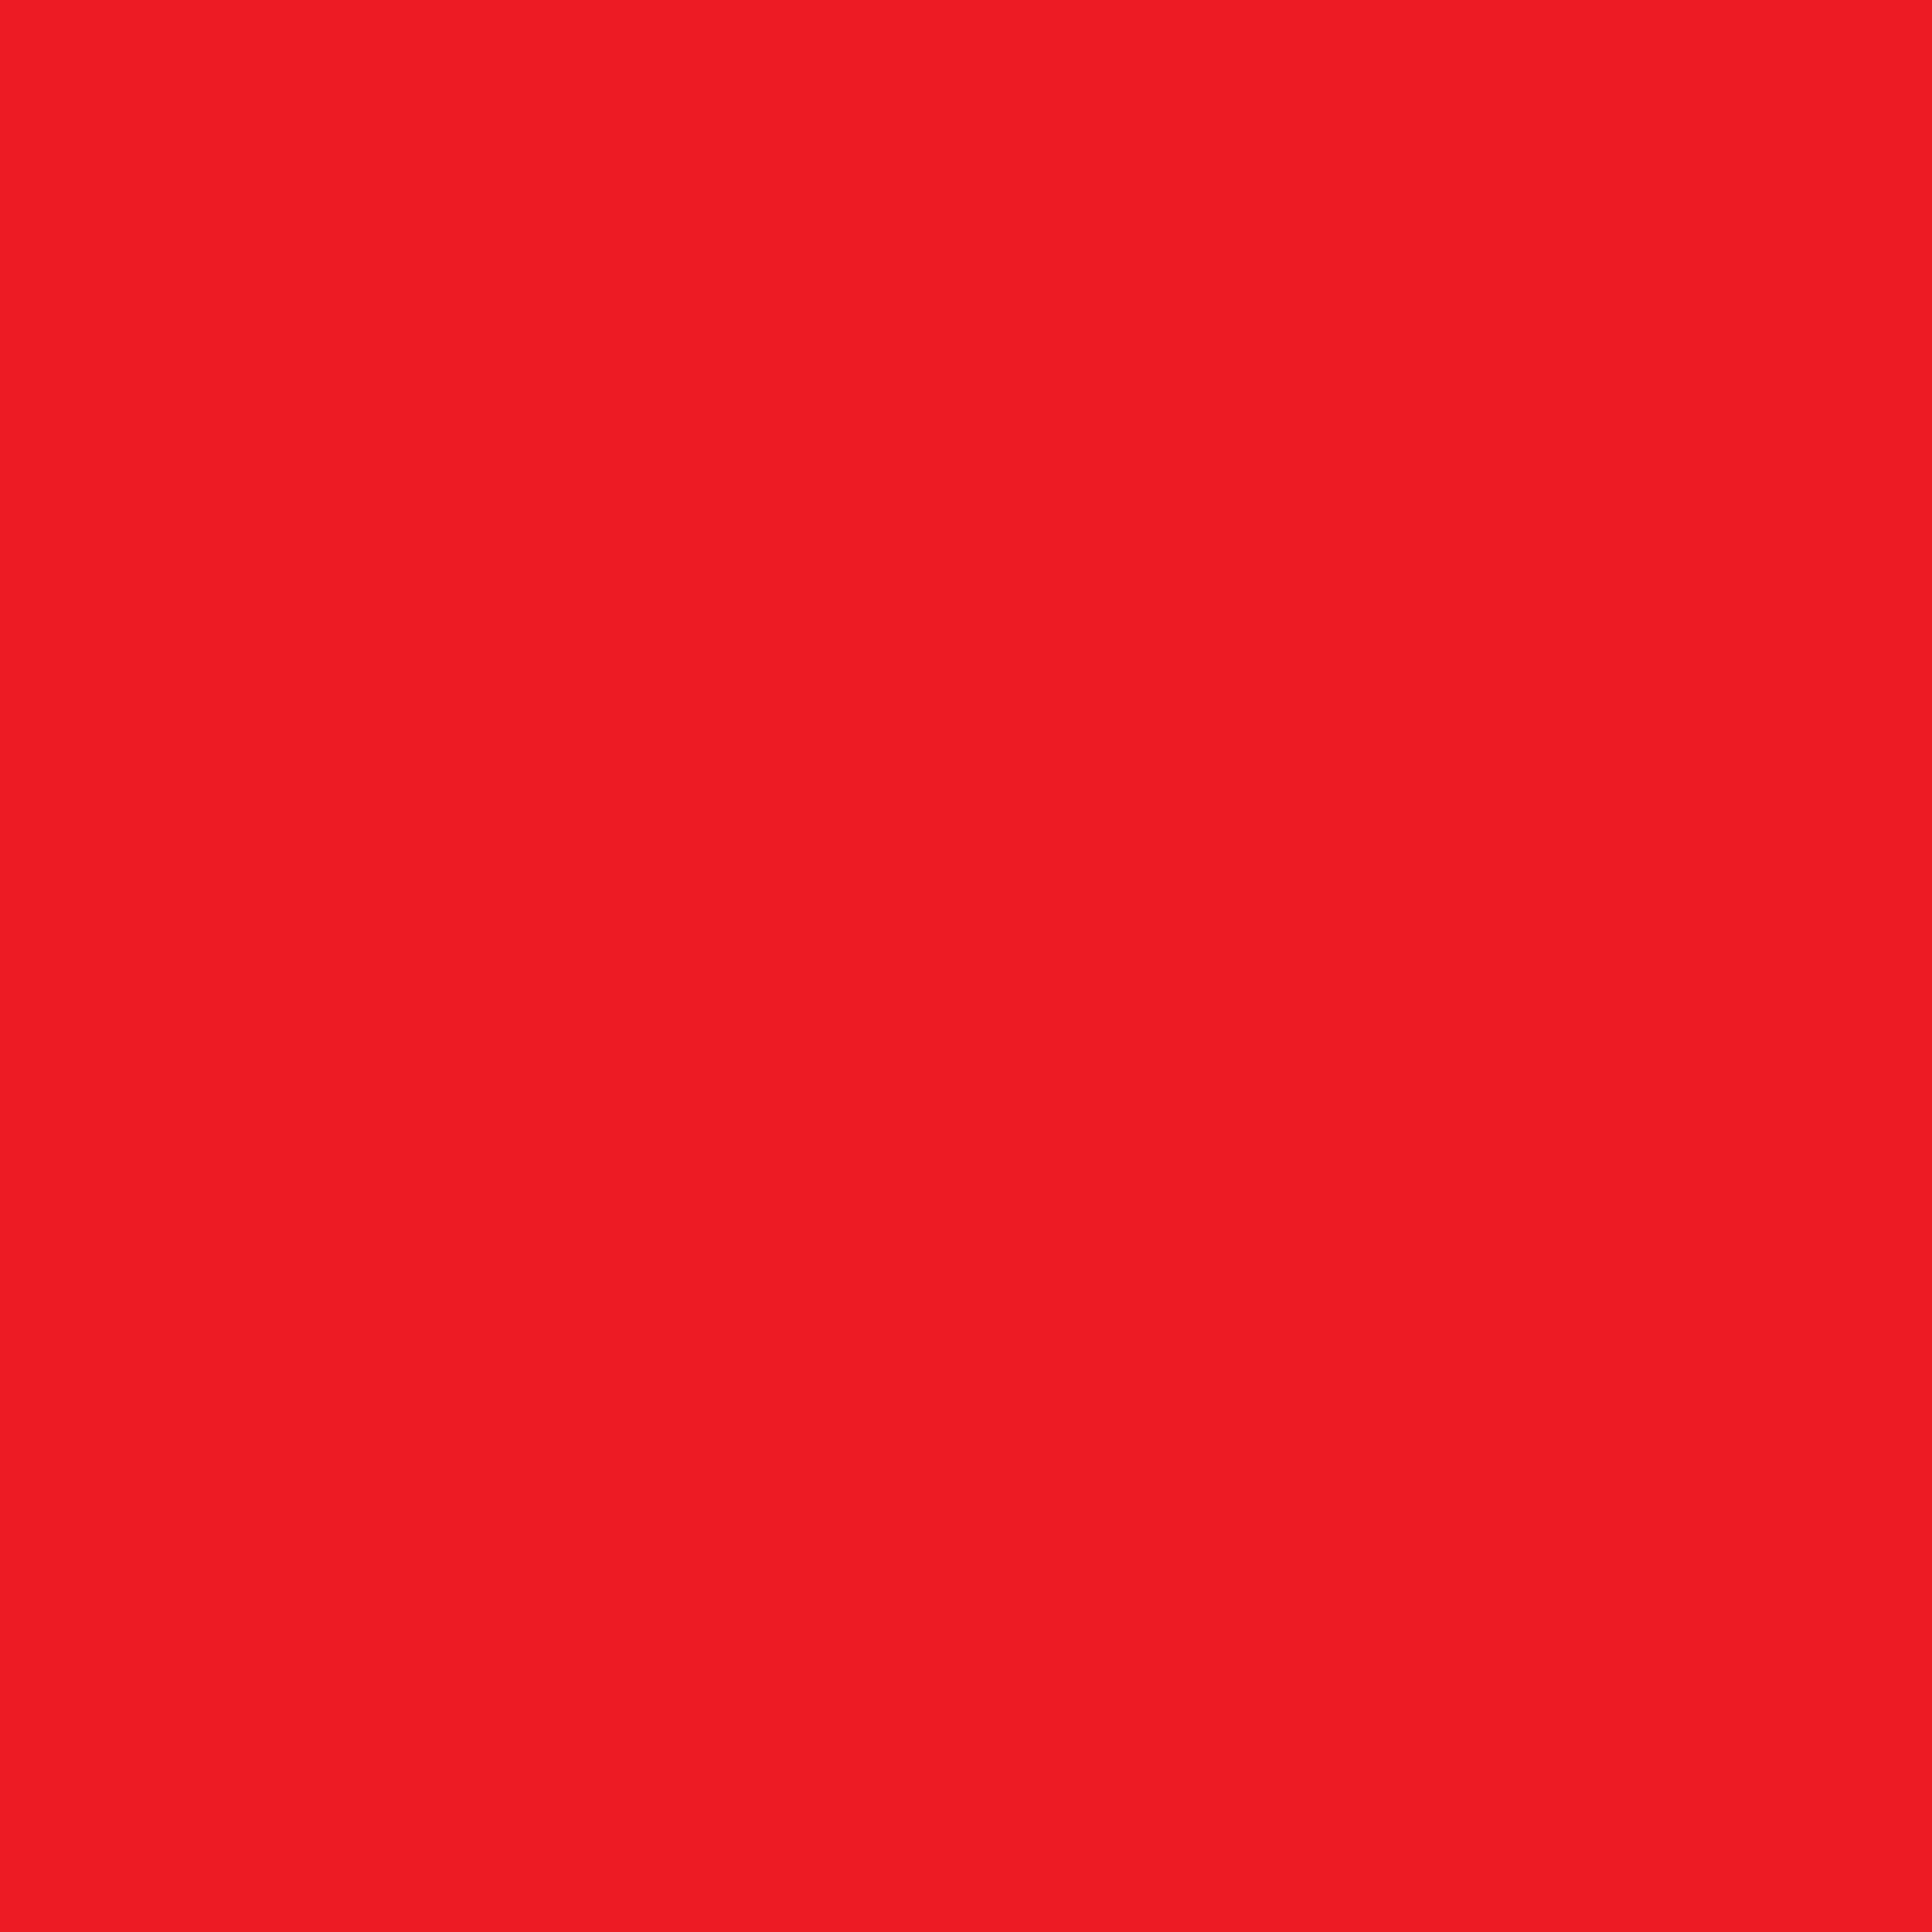 MARS / RED  AKČNÍ SETY